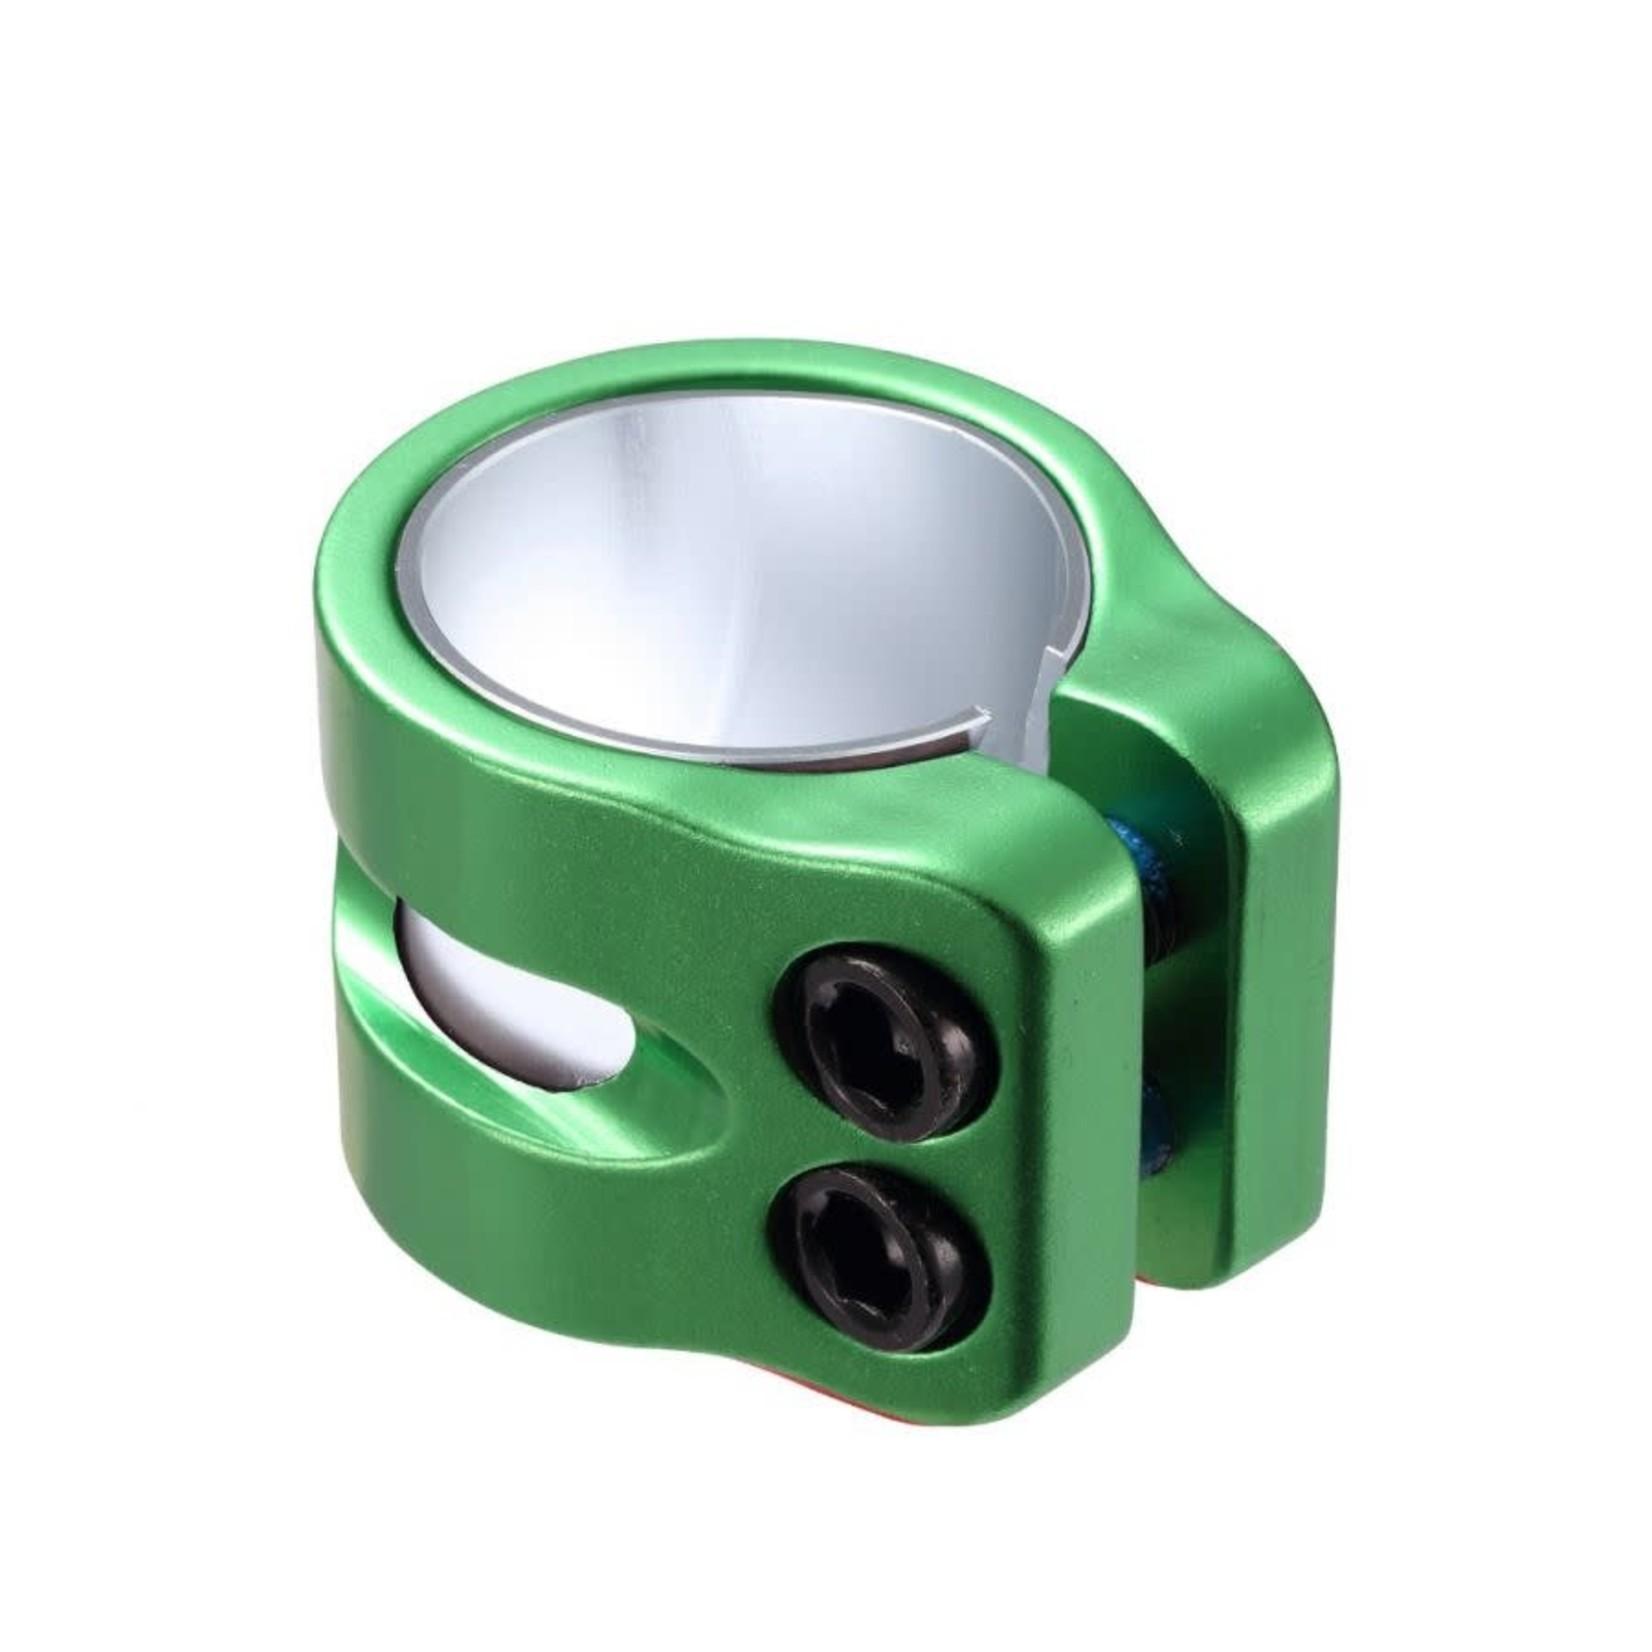 Envy Envy - Oversized 2 Bolt Clamp - Green